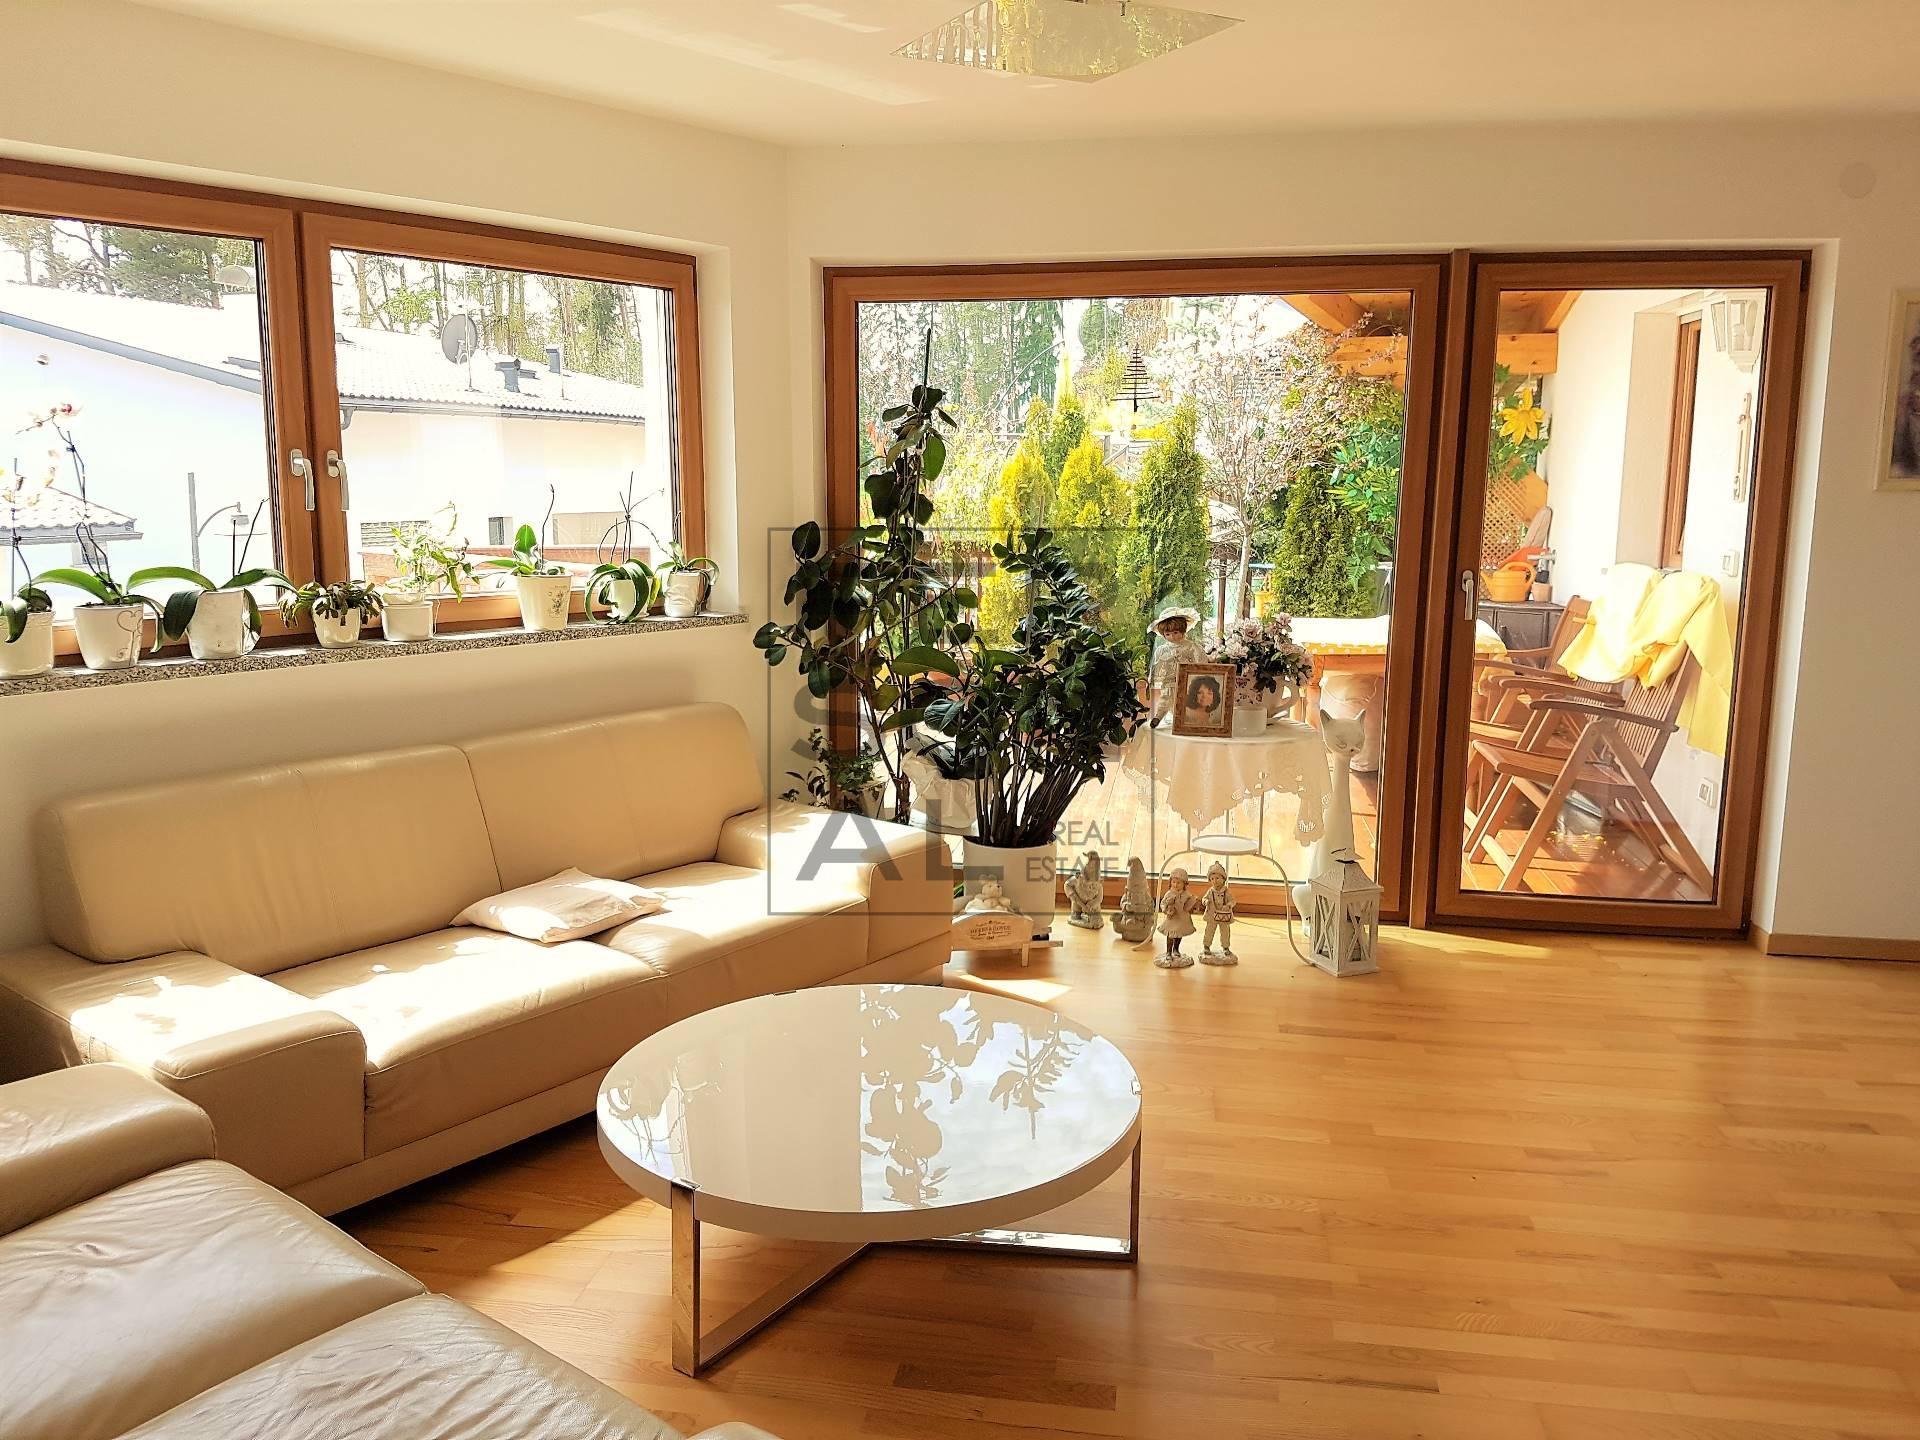 Appartamento in vendita a Renon, 3 locali, zona Zona: Soprabolzano, prezzo € 375.000 | CambioCasa.it